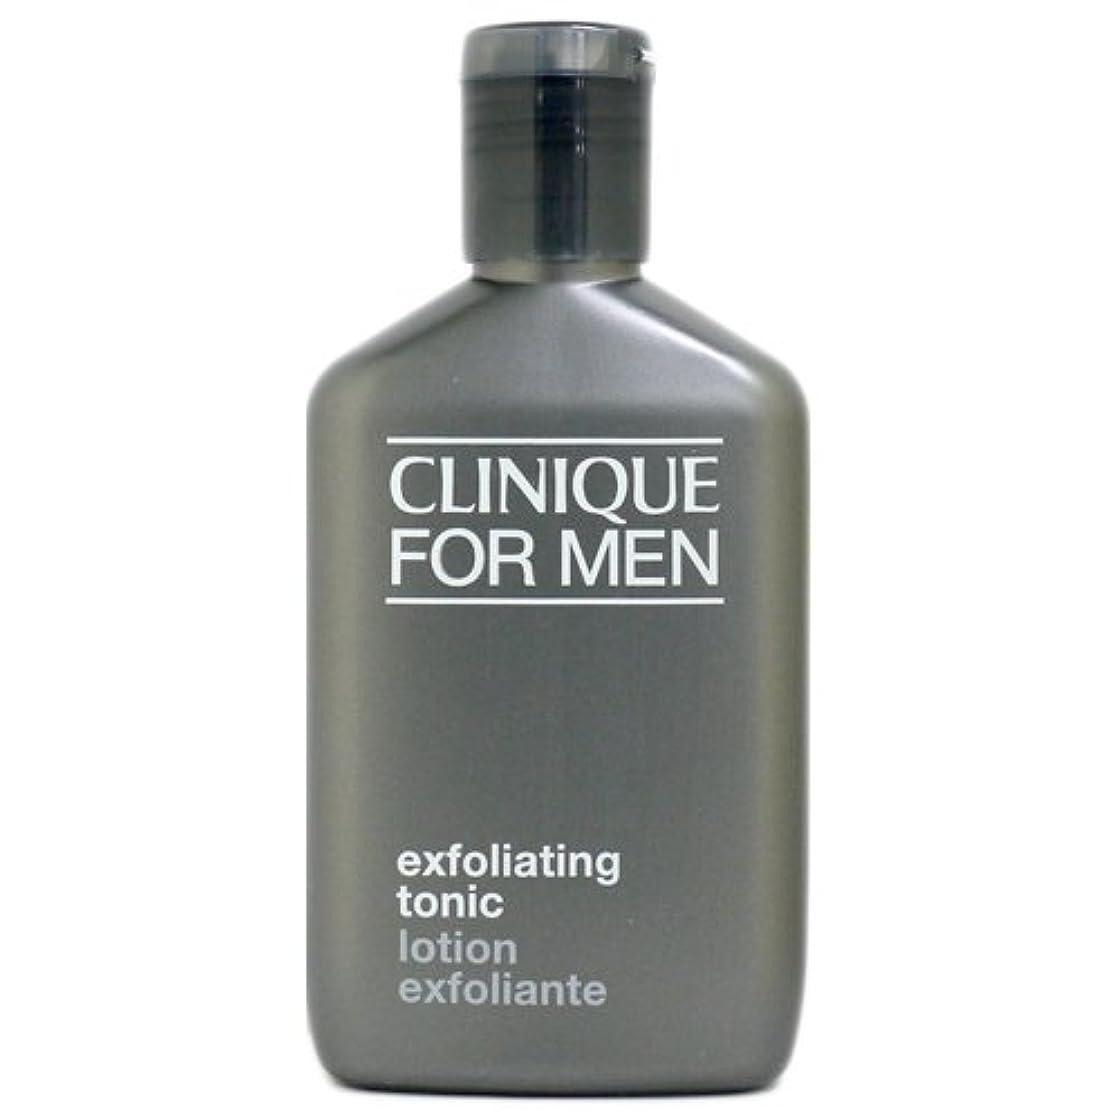 森知らせるメロンクリニークフォーメン(CLINIQUE FOR MEN) エクスフォリエーティング トニック 200ml[並行輸入品]